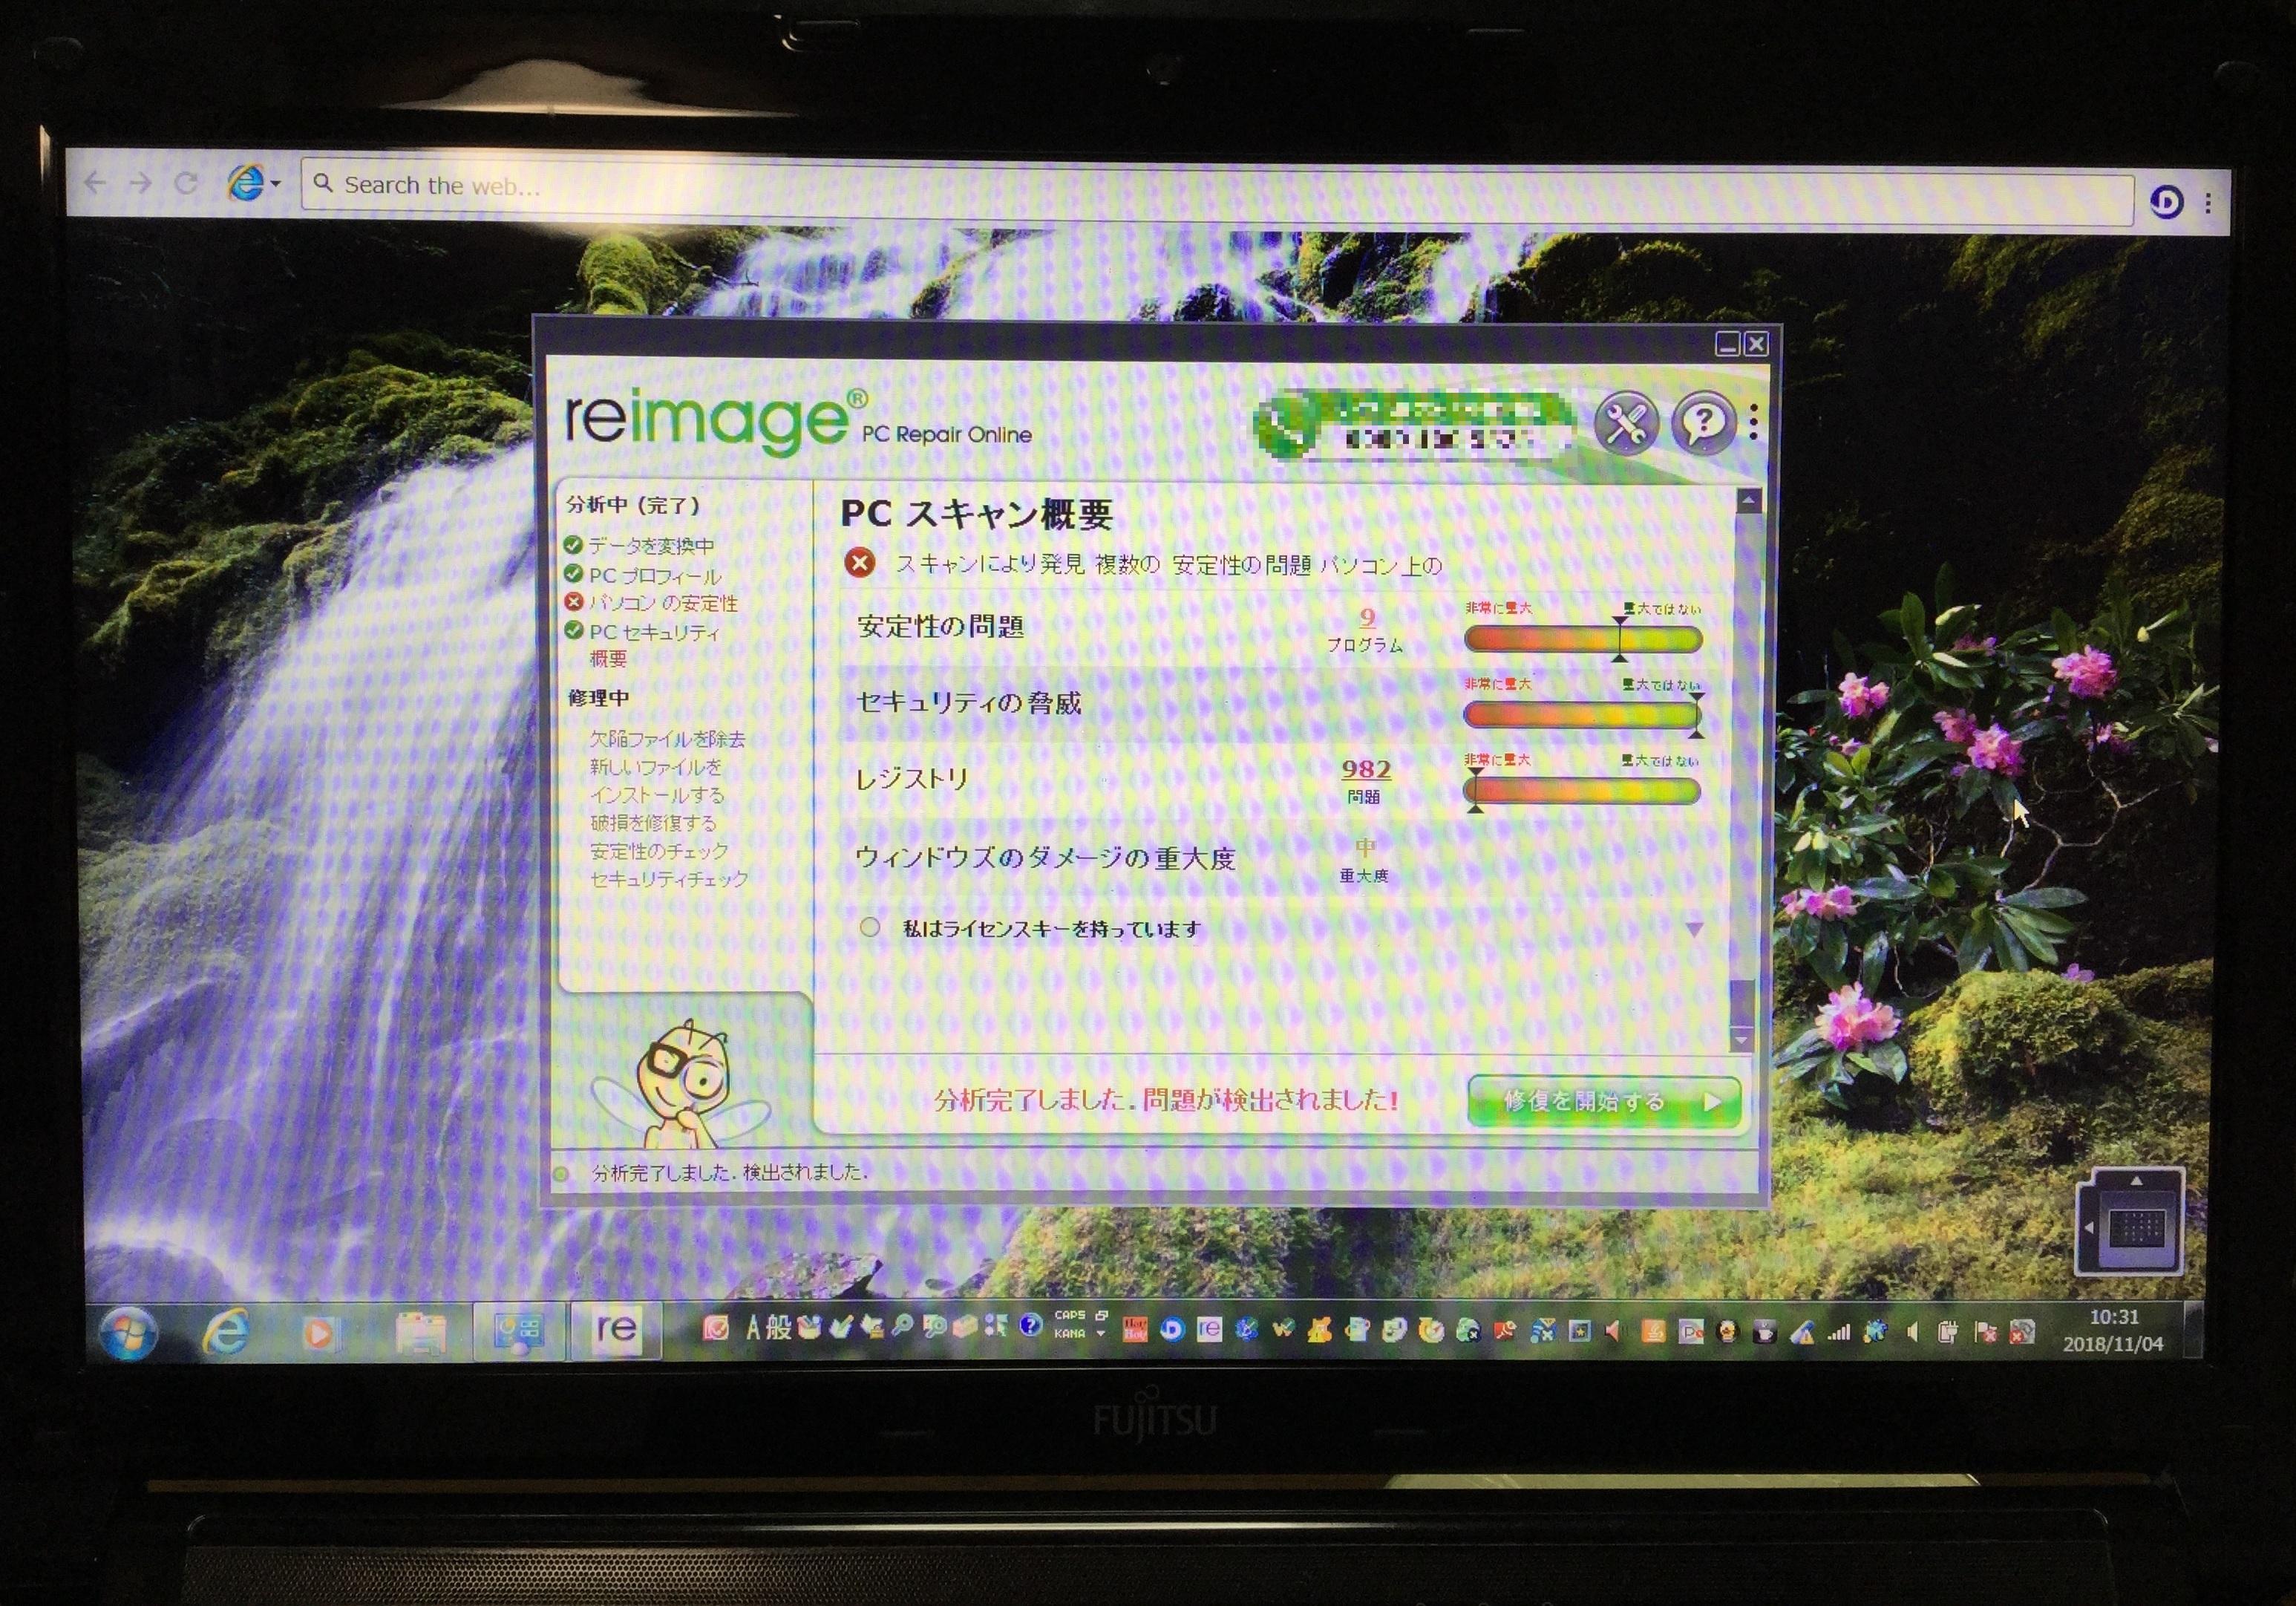 兵庫県神戸市東灘区 ノートパソコンがウイルスに感染、内蔵機器のトラブル/東芝 Windows 7のイメージ